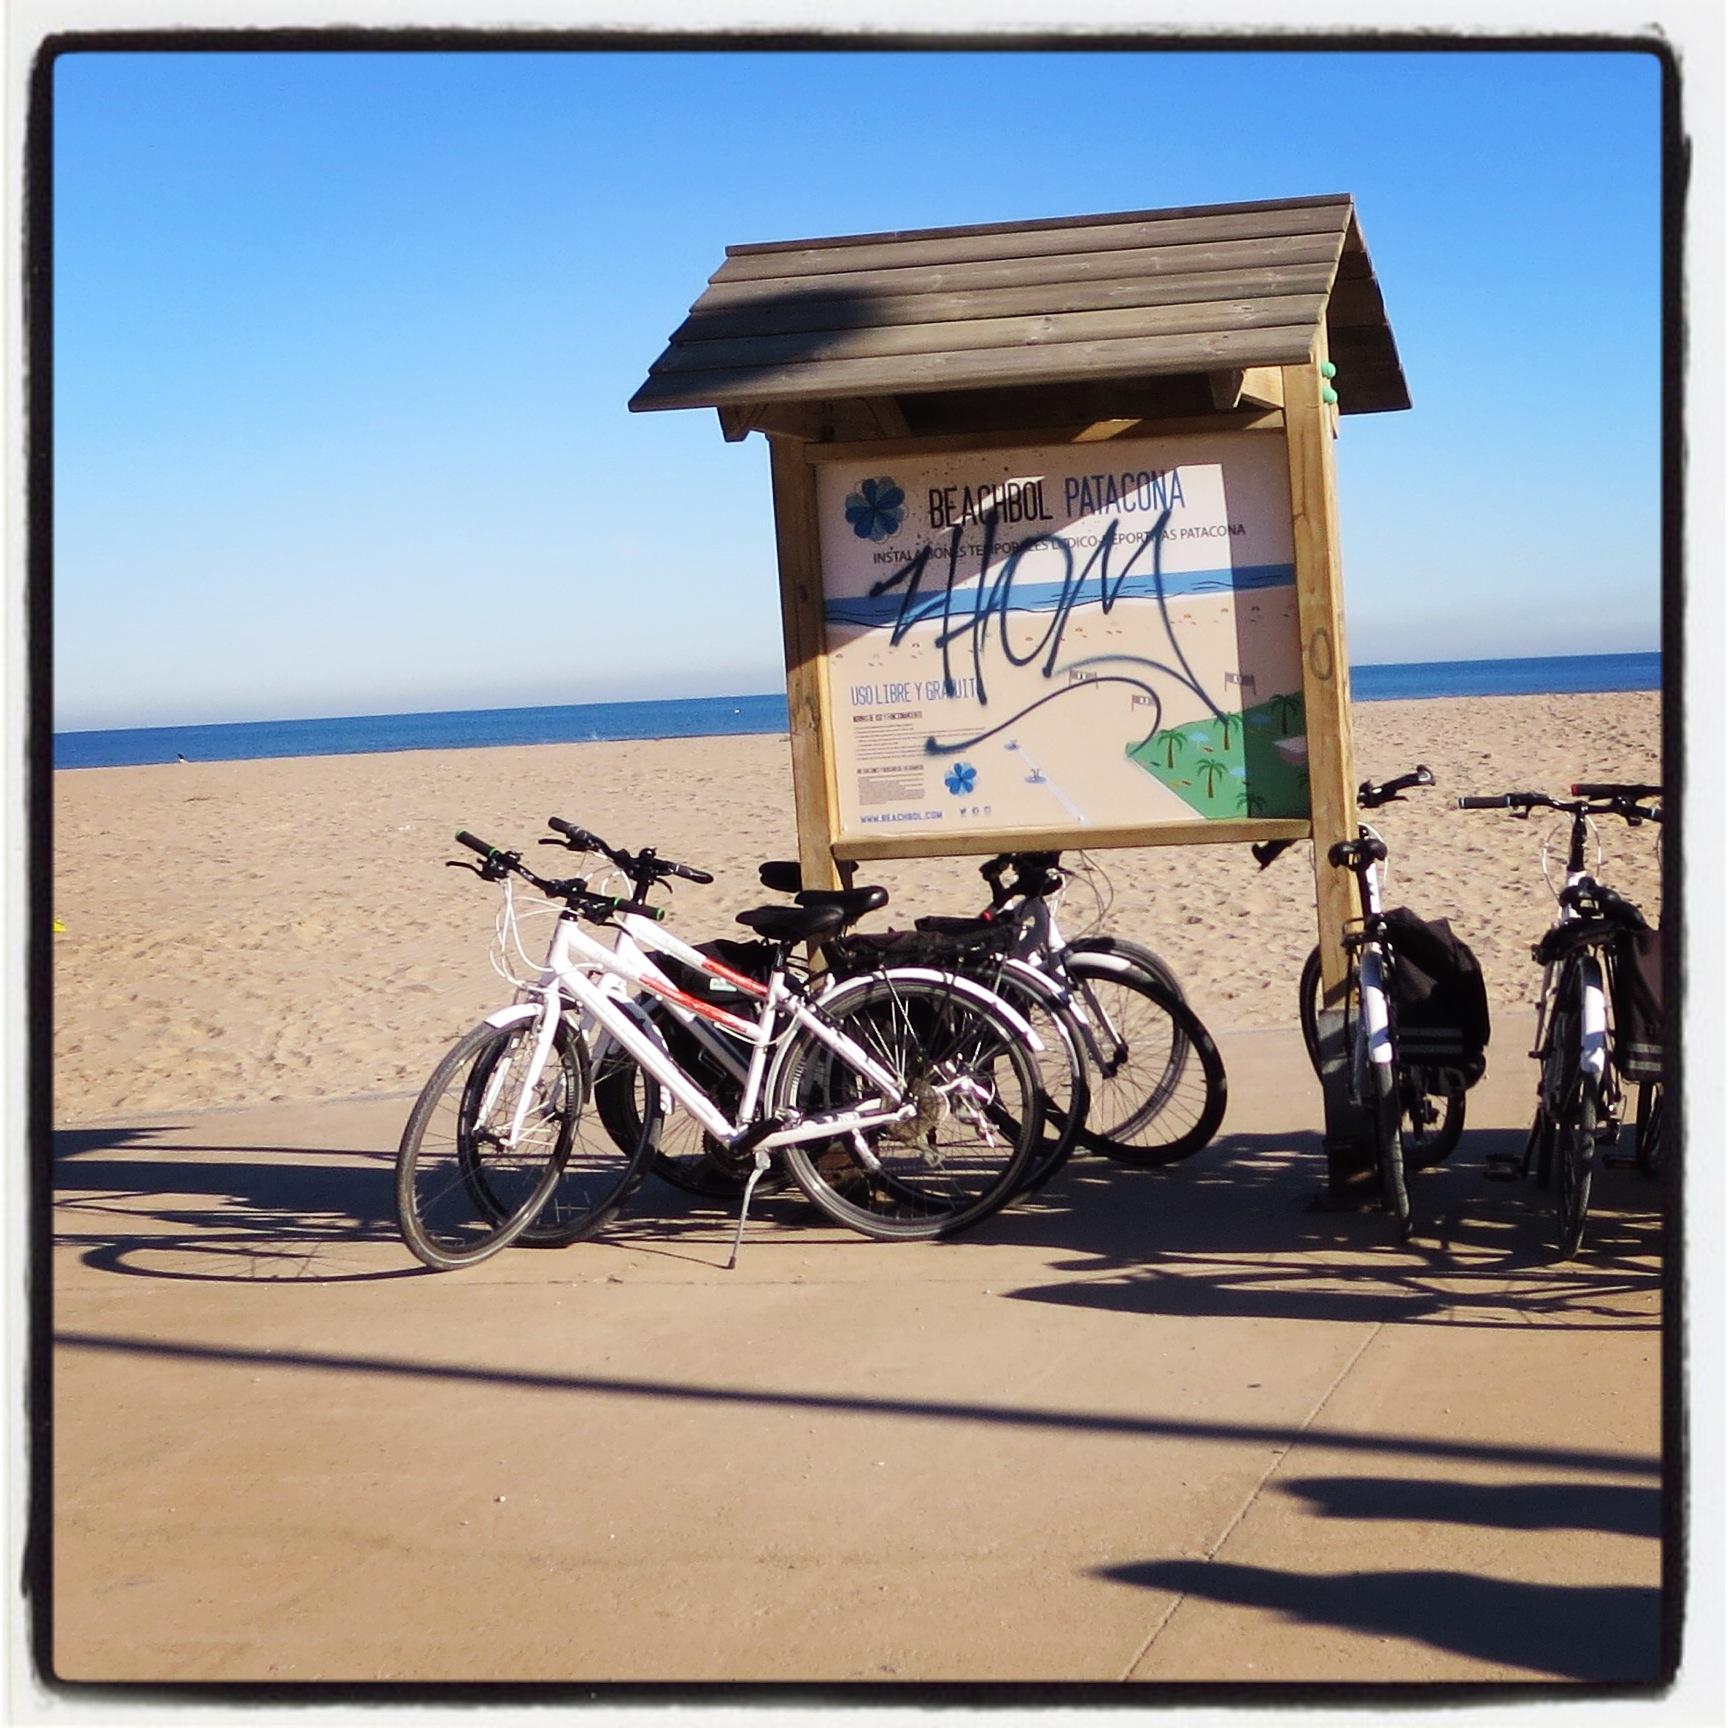 Pranzo in spiaggia, playa de Patacona. 21 gradi all'ombra.